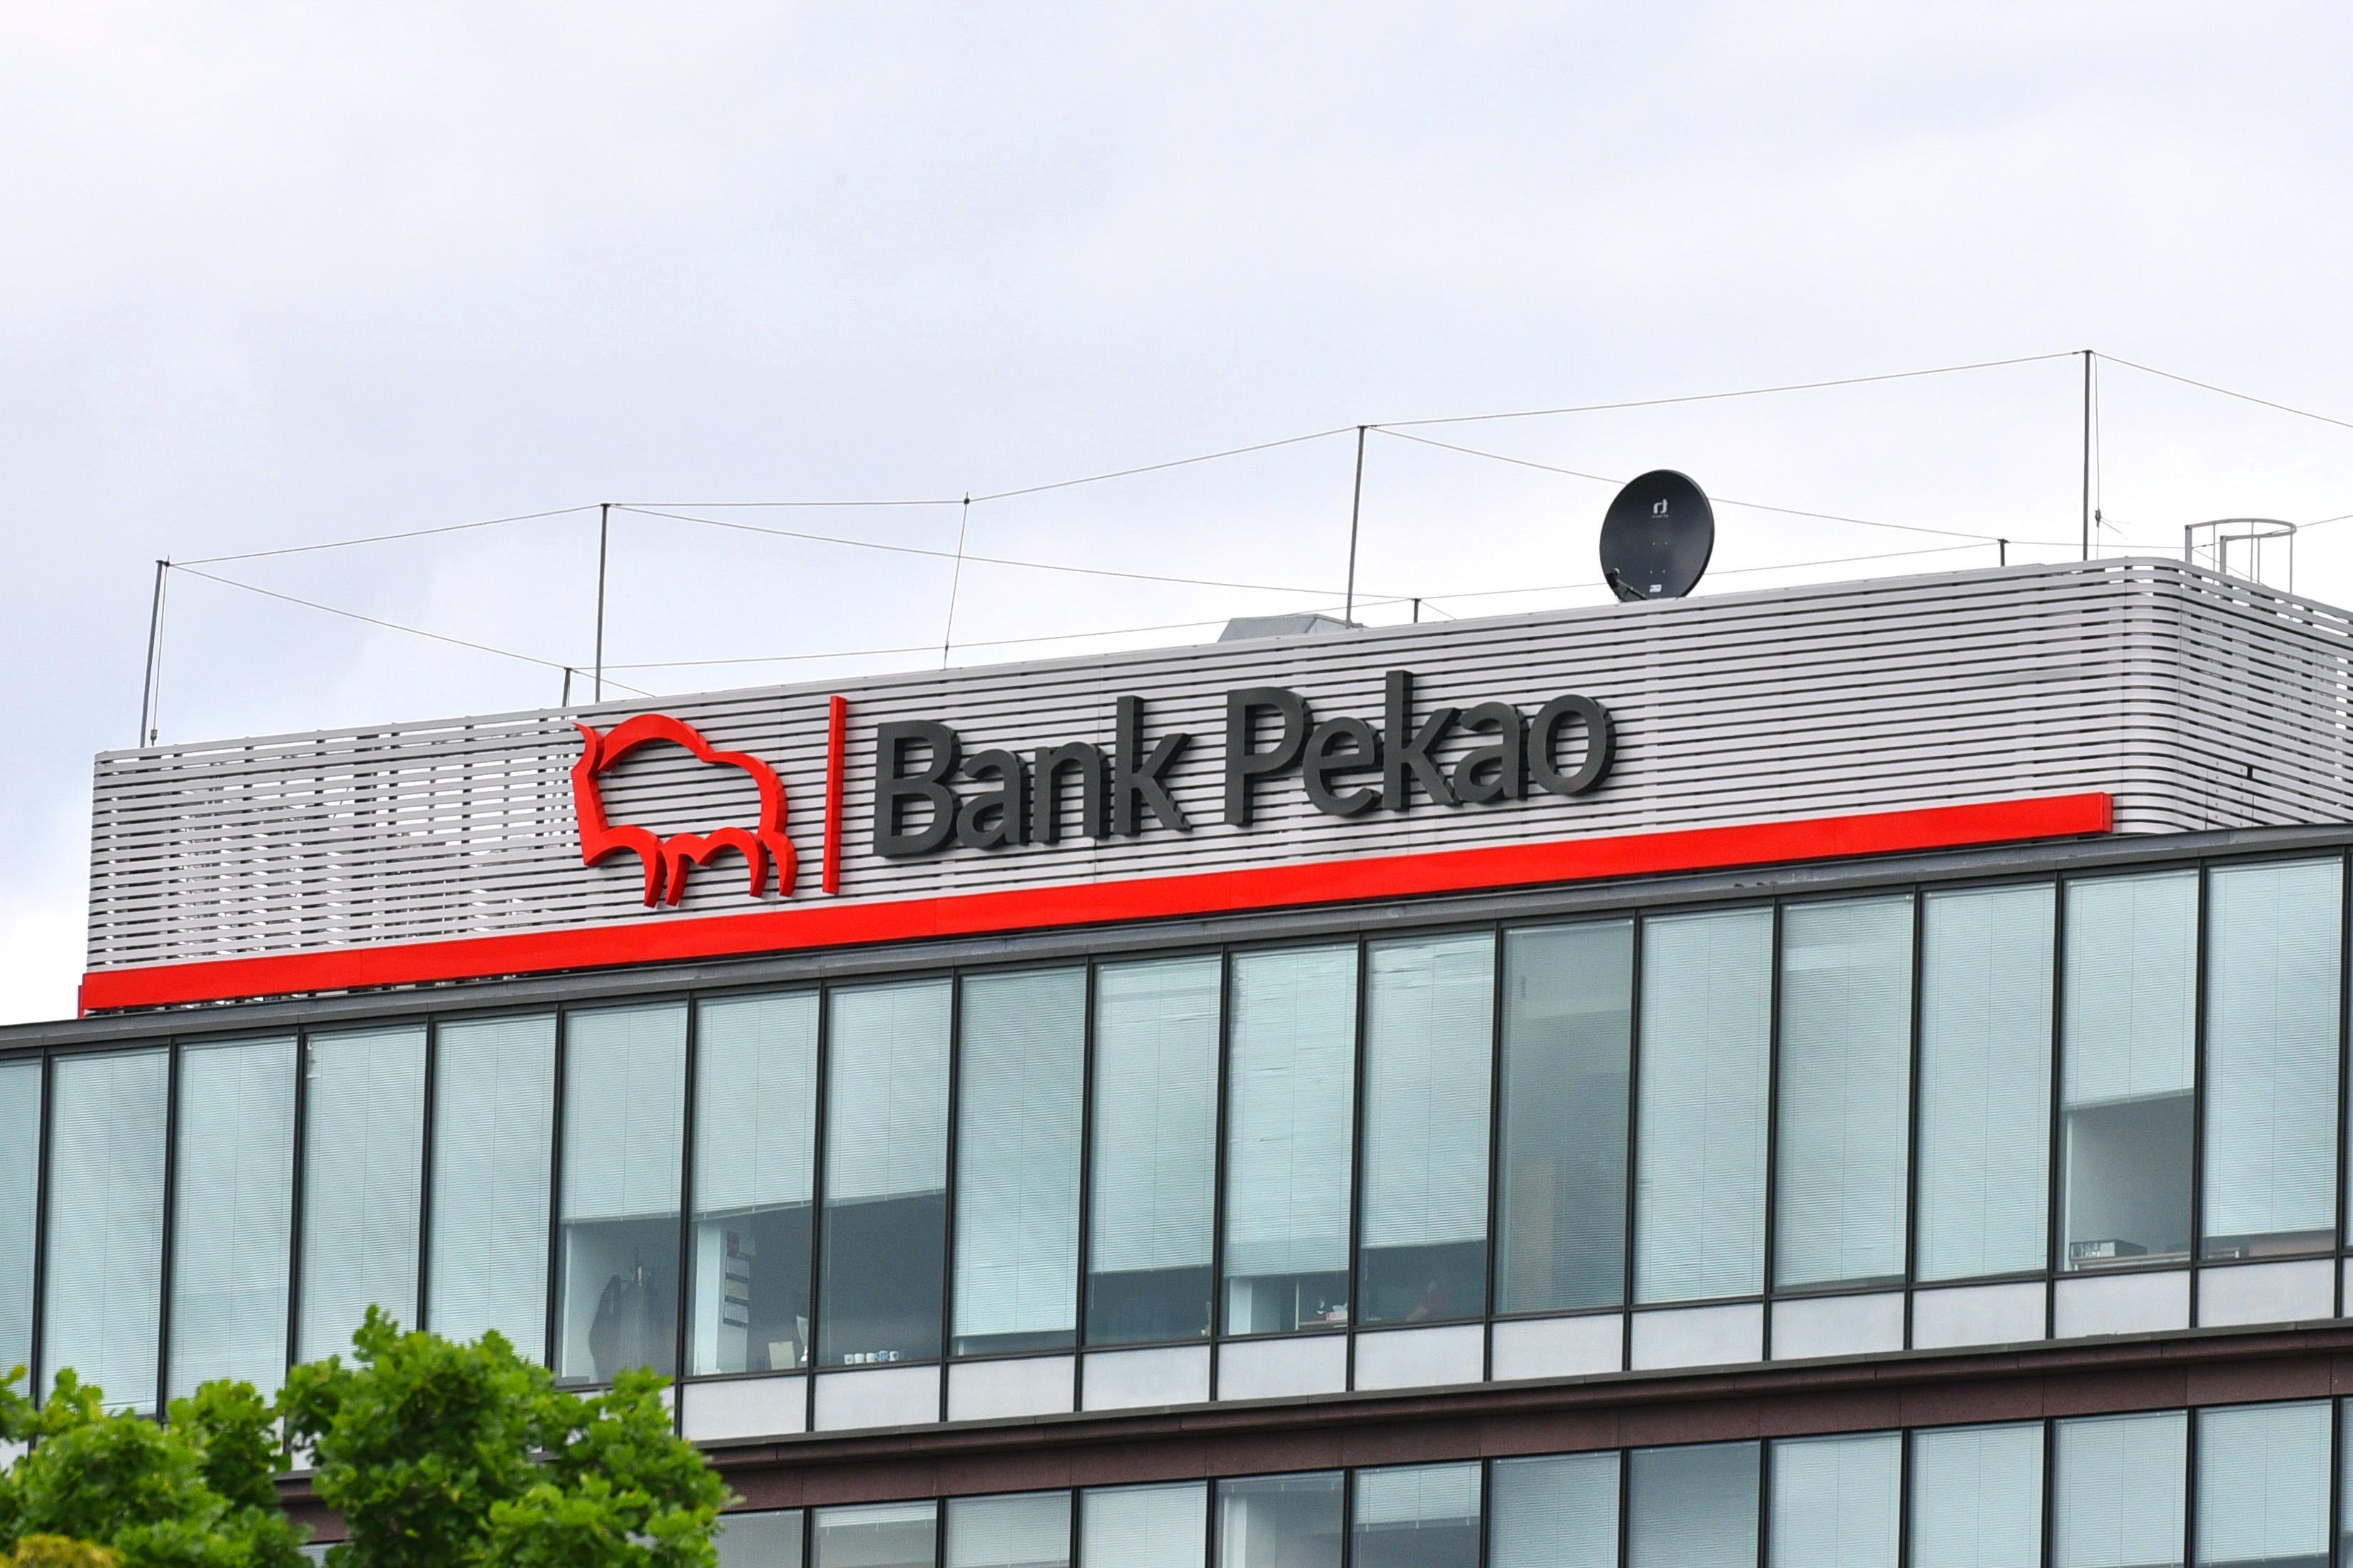 1700 zł premii z darmowym kontem od Pekao S. A. i 3% na koncie oszczędnościowym